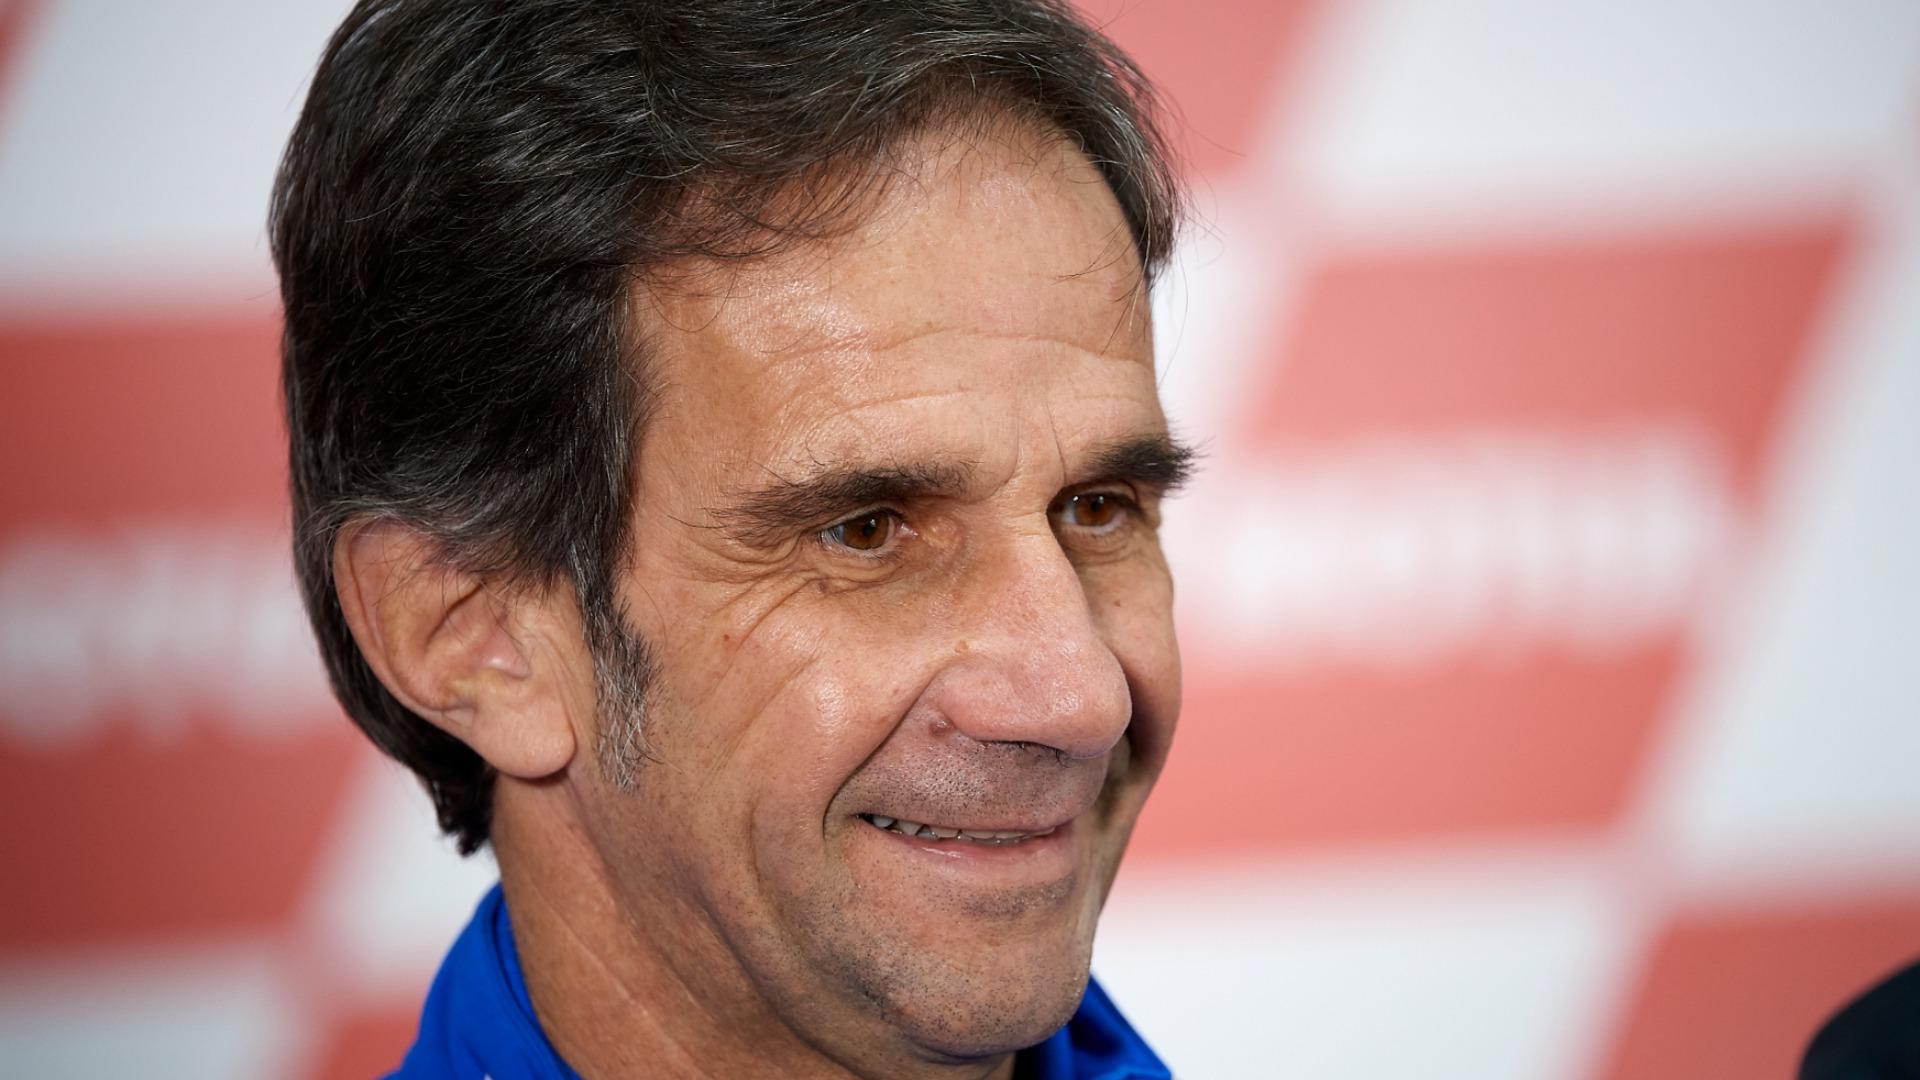 Alpine appoint ex-Suzuki boss Brivio as racing director